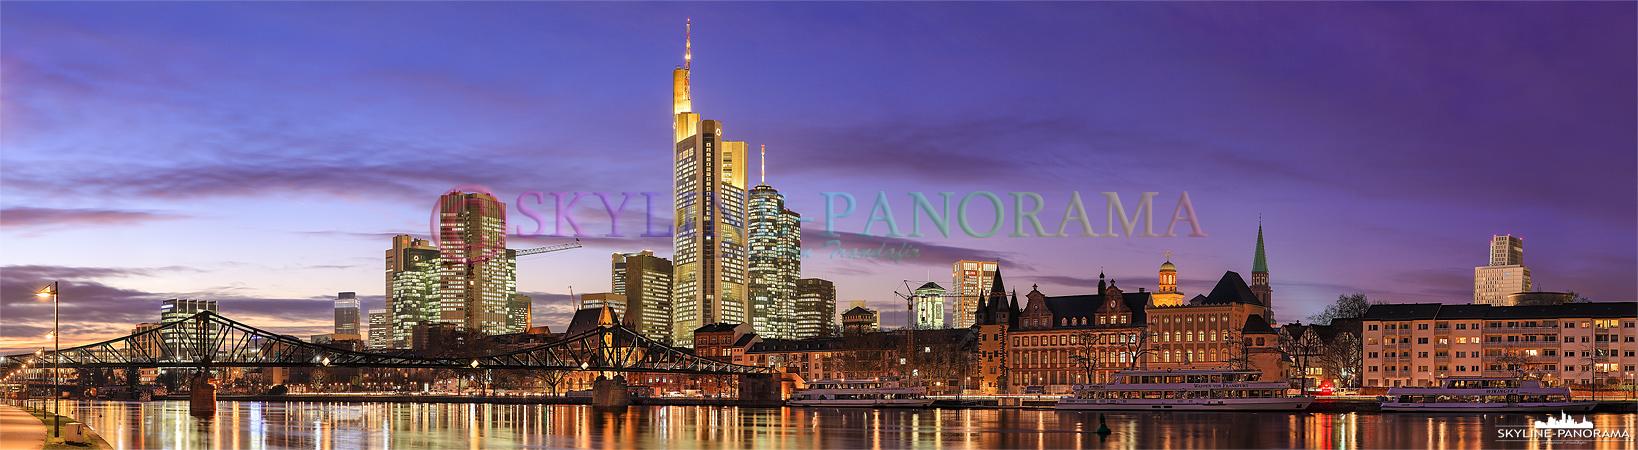 Panorama Bild Frankfurt am Main – Die abendlich beleuchtete Skyline von Frankfurt a. M. zusammen mit dem historischen Eisernen Steg im Vordergrund vom Mainufer in Frankfurt Sachsenhausen gesehen. Das Panorama ist kurz nach dem Sonnenuntergang, in der Dämmerung, bei einbrechender Nacht entstanden.